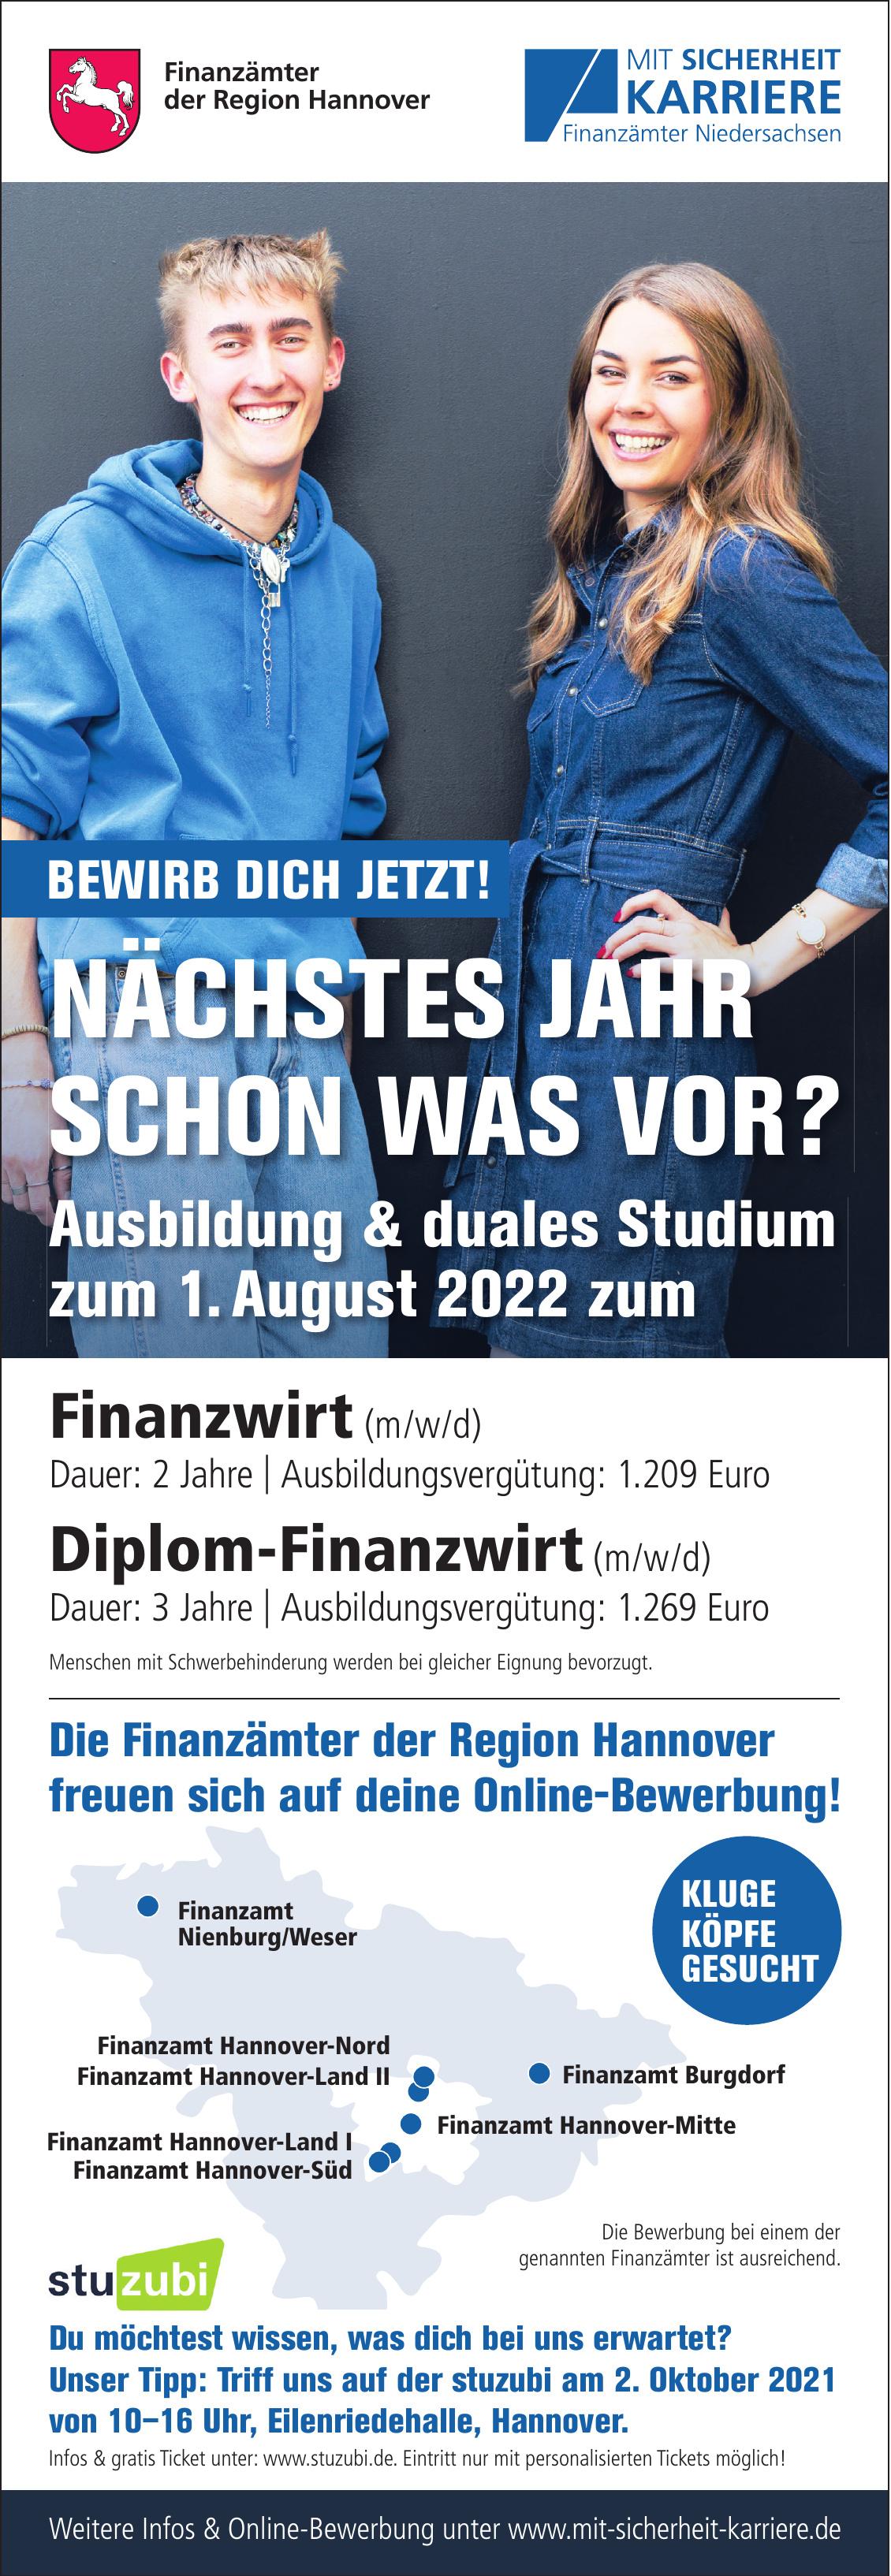 Finanzämter der Region Hannover